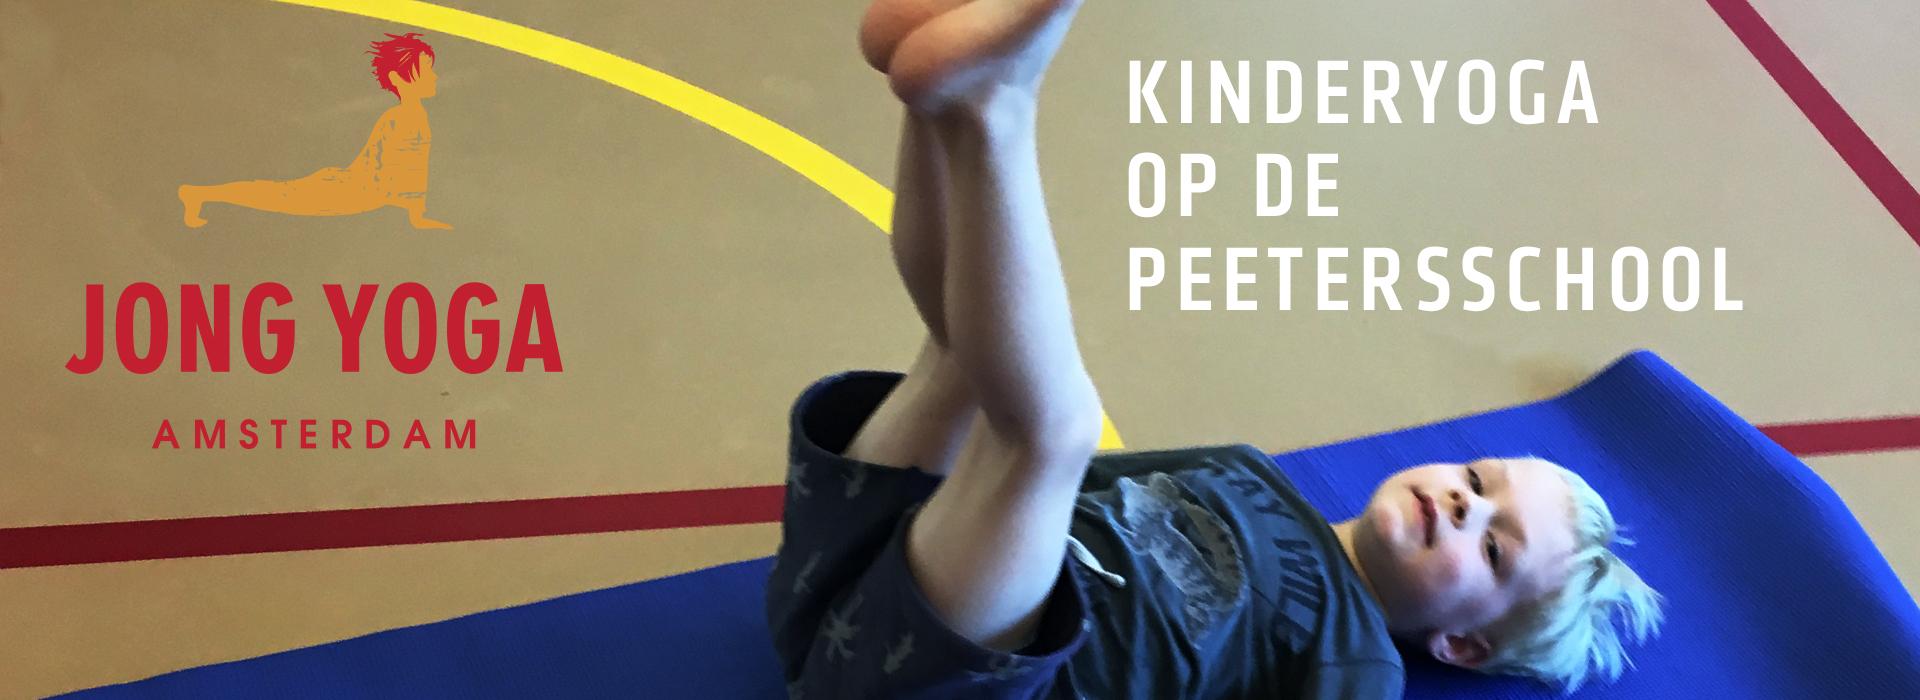 jong-yoga-amsterdam-kinderyoga-peetersschool